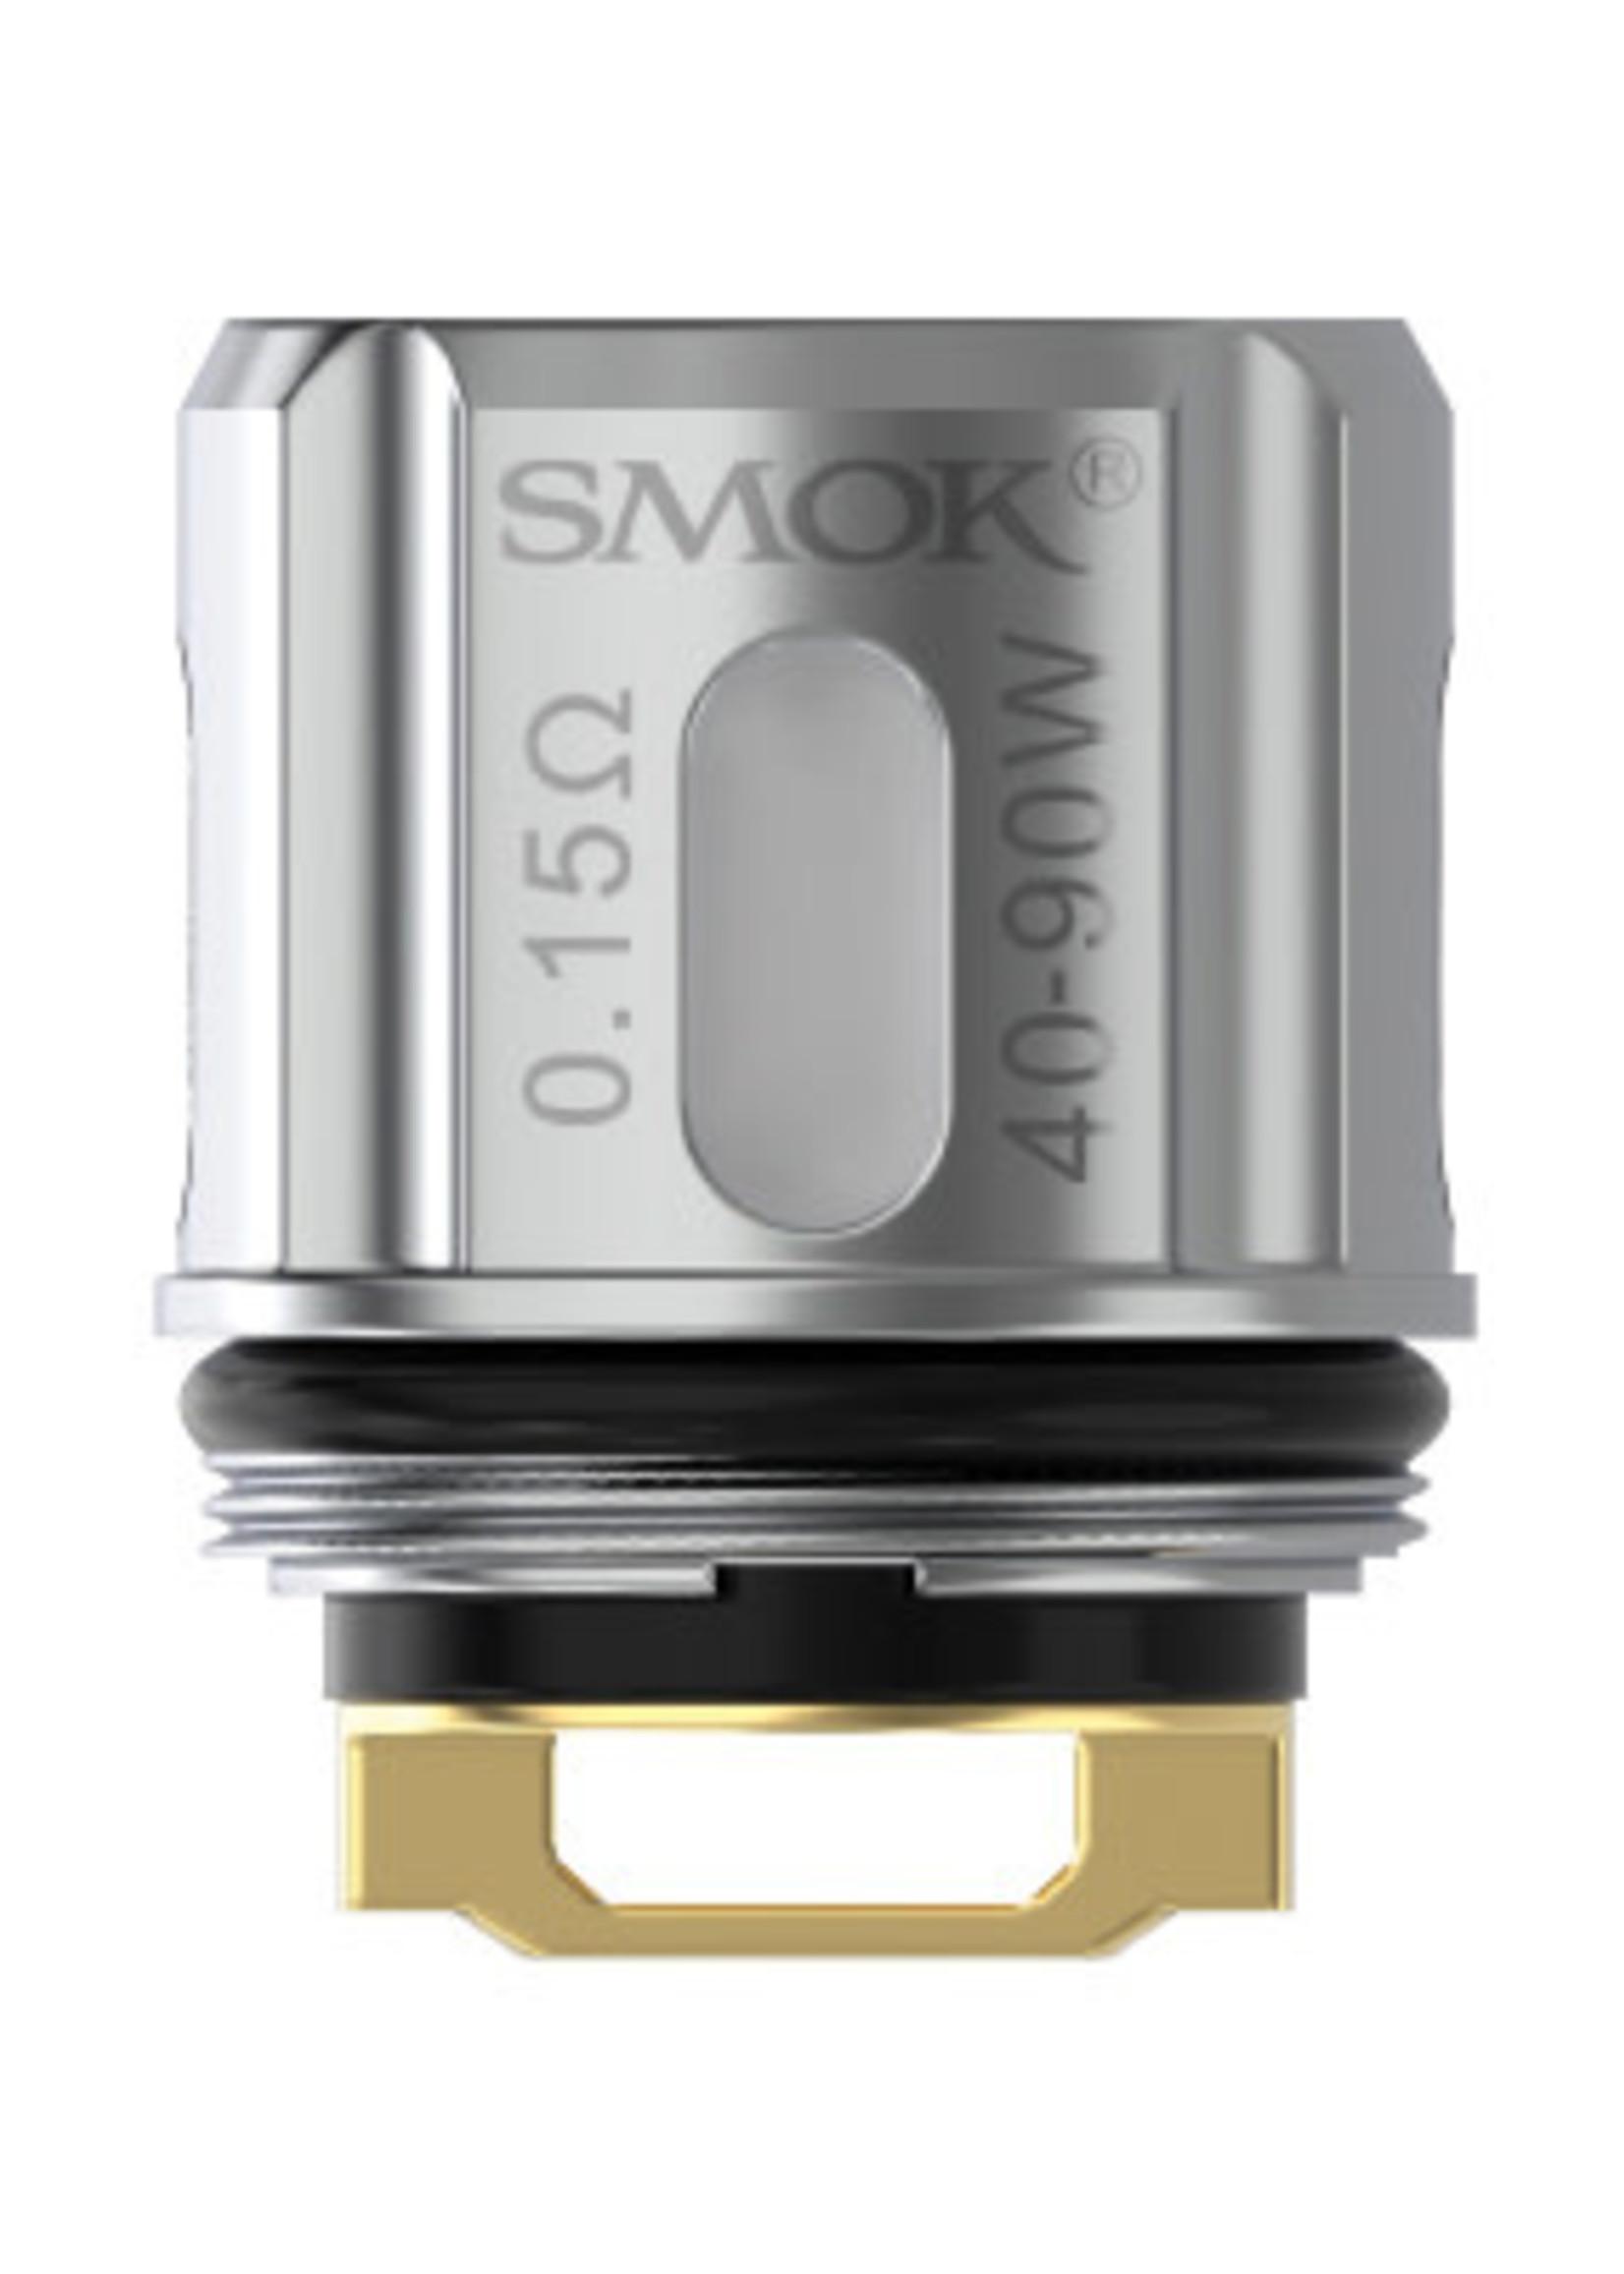 Smok Vape Pen 22 Mesh coil - 0.15 ohm